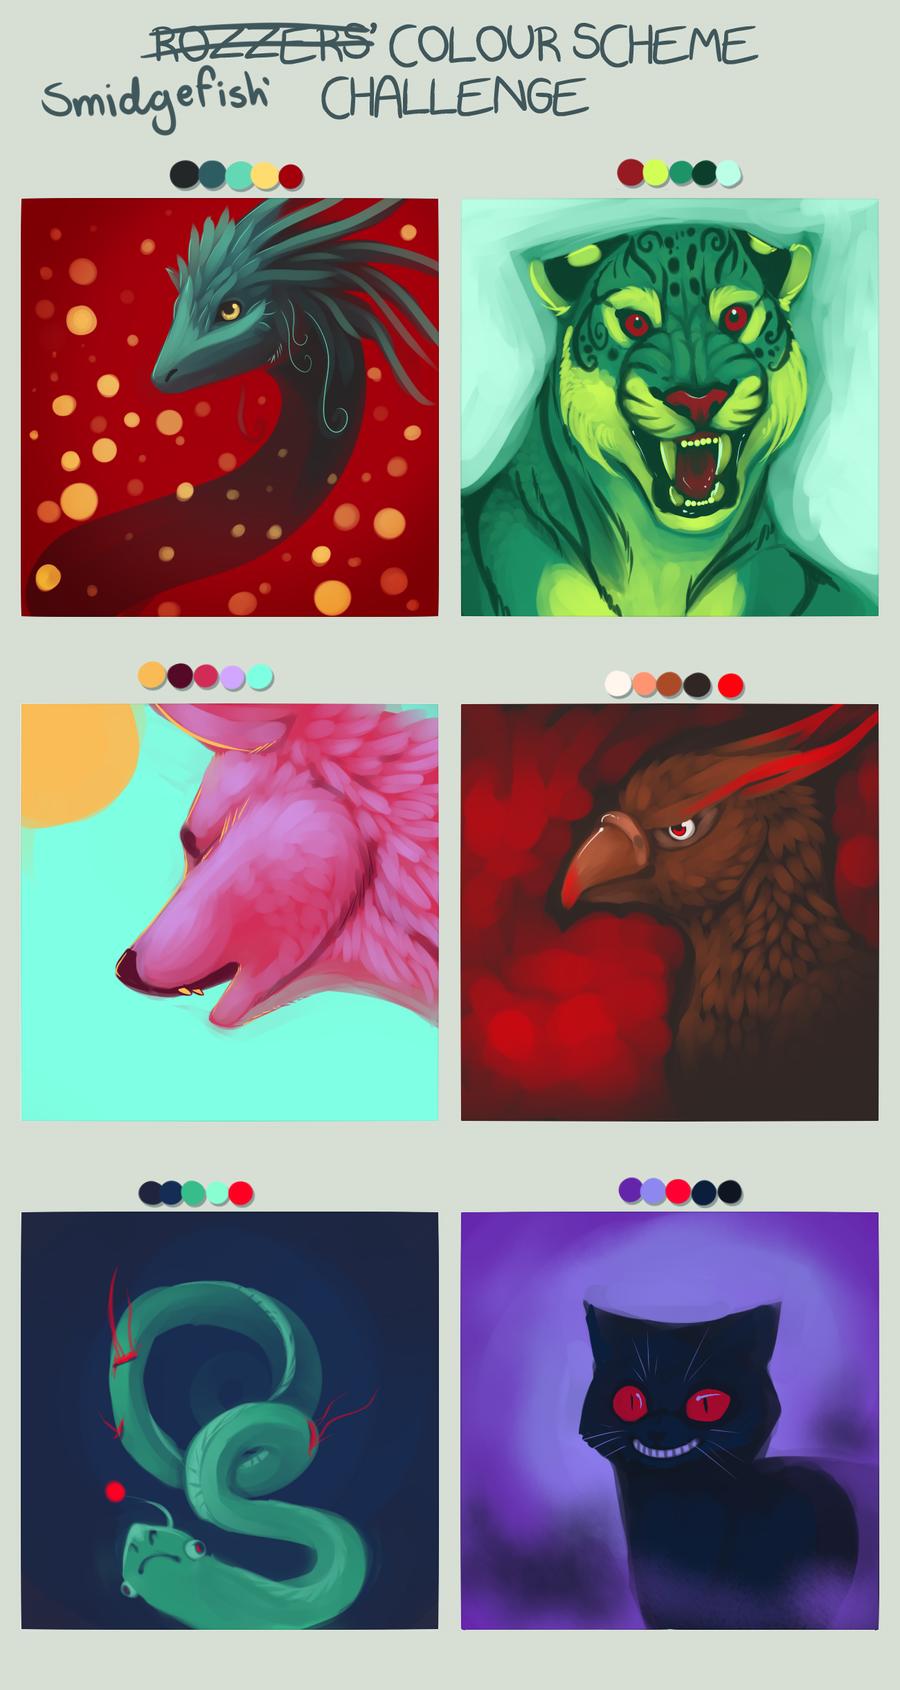 Smidge's Color challange by SmidgeFish